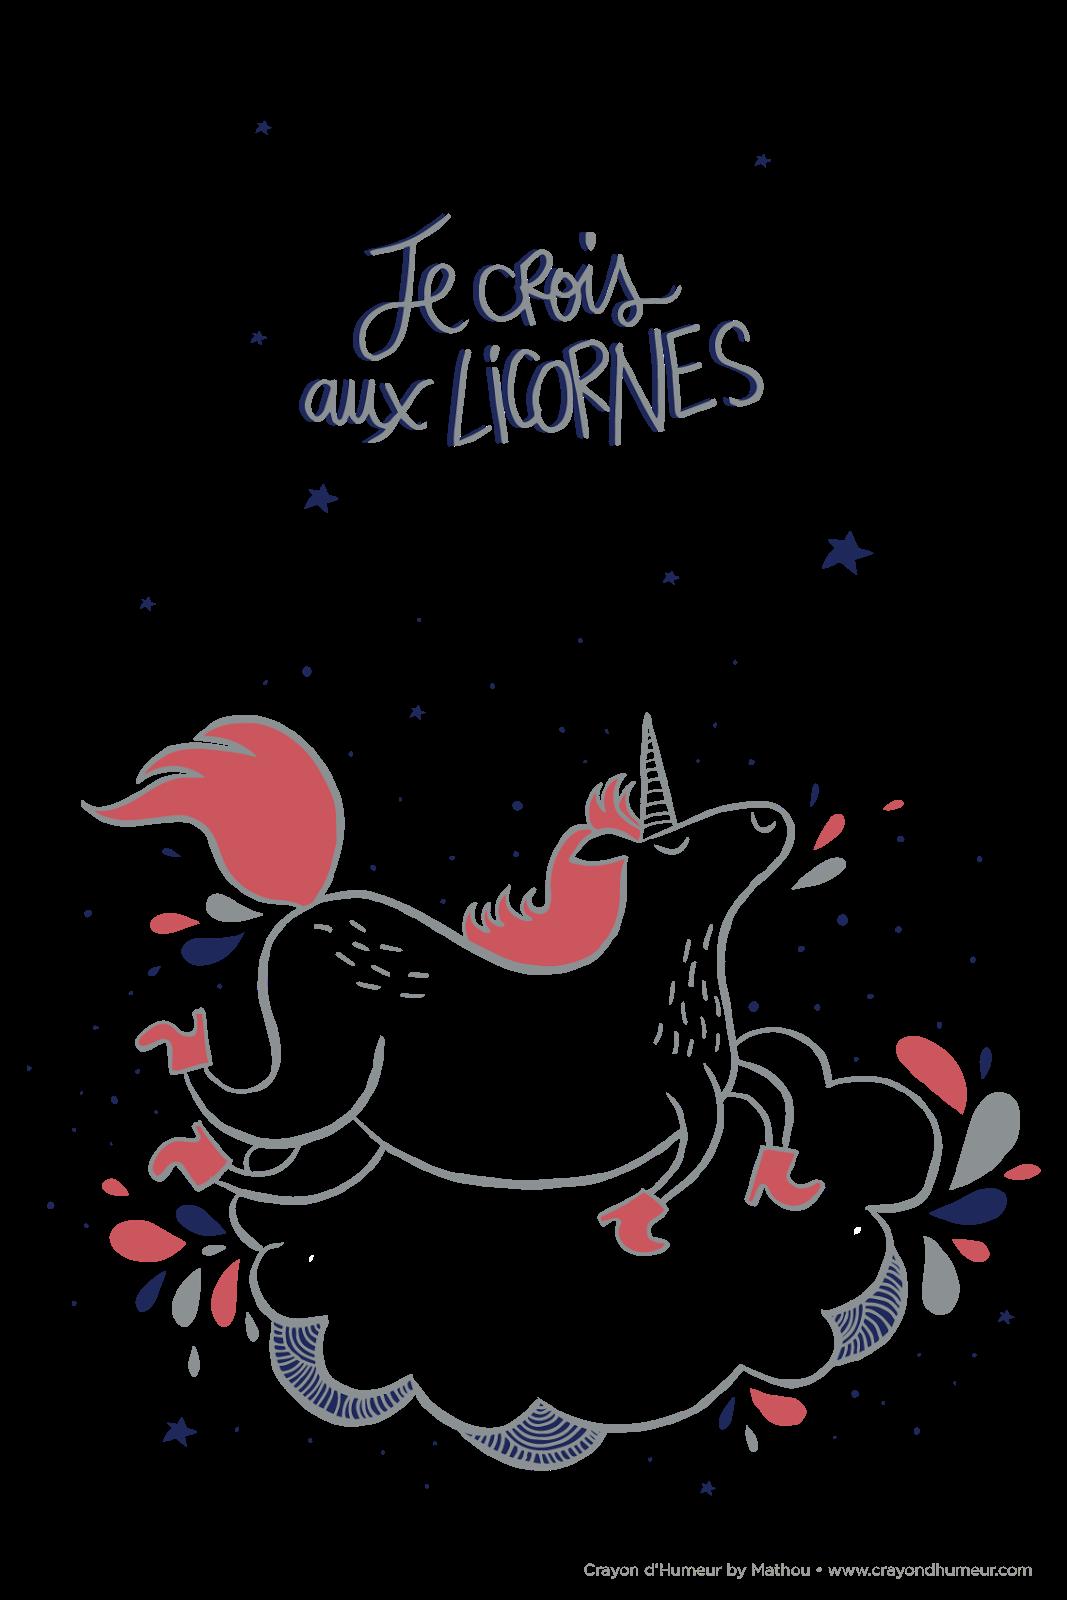 Mathou Fait Son Crayon D Humeur Citations Unicorn Drawings Et